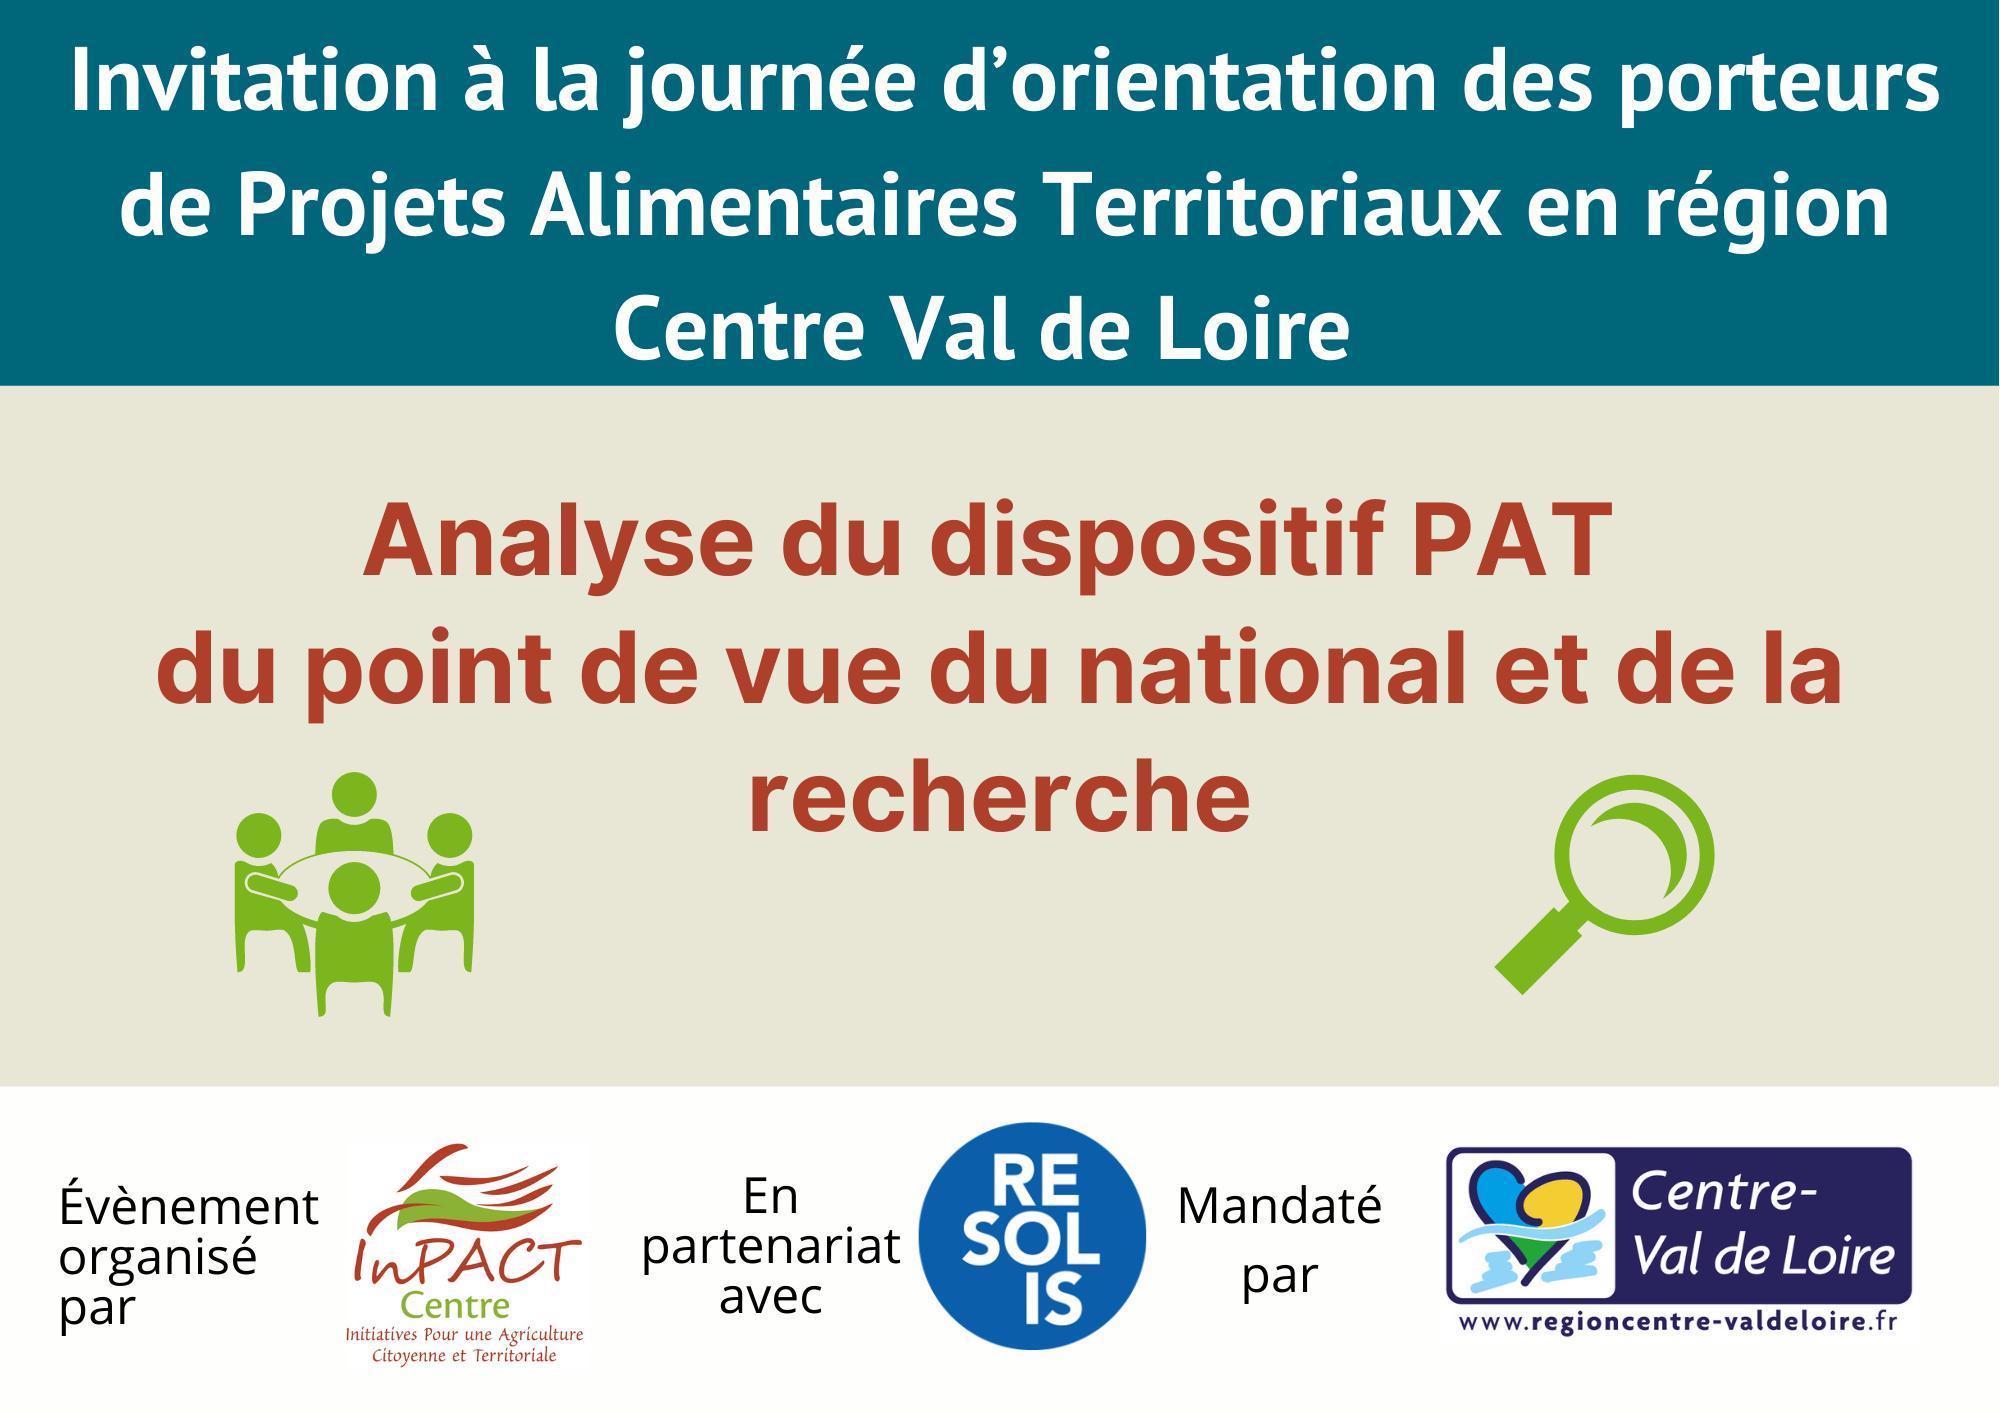 Journée d'Orientation de PAT - Analyse du dispositif PAT du point de vue du national et de la recherche